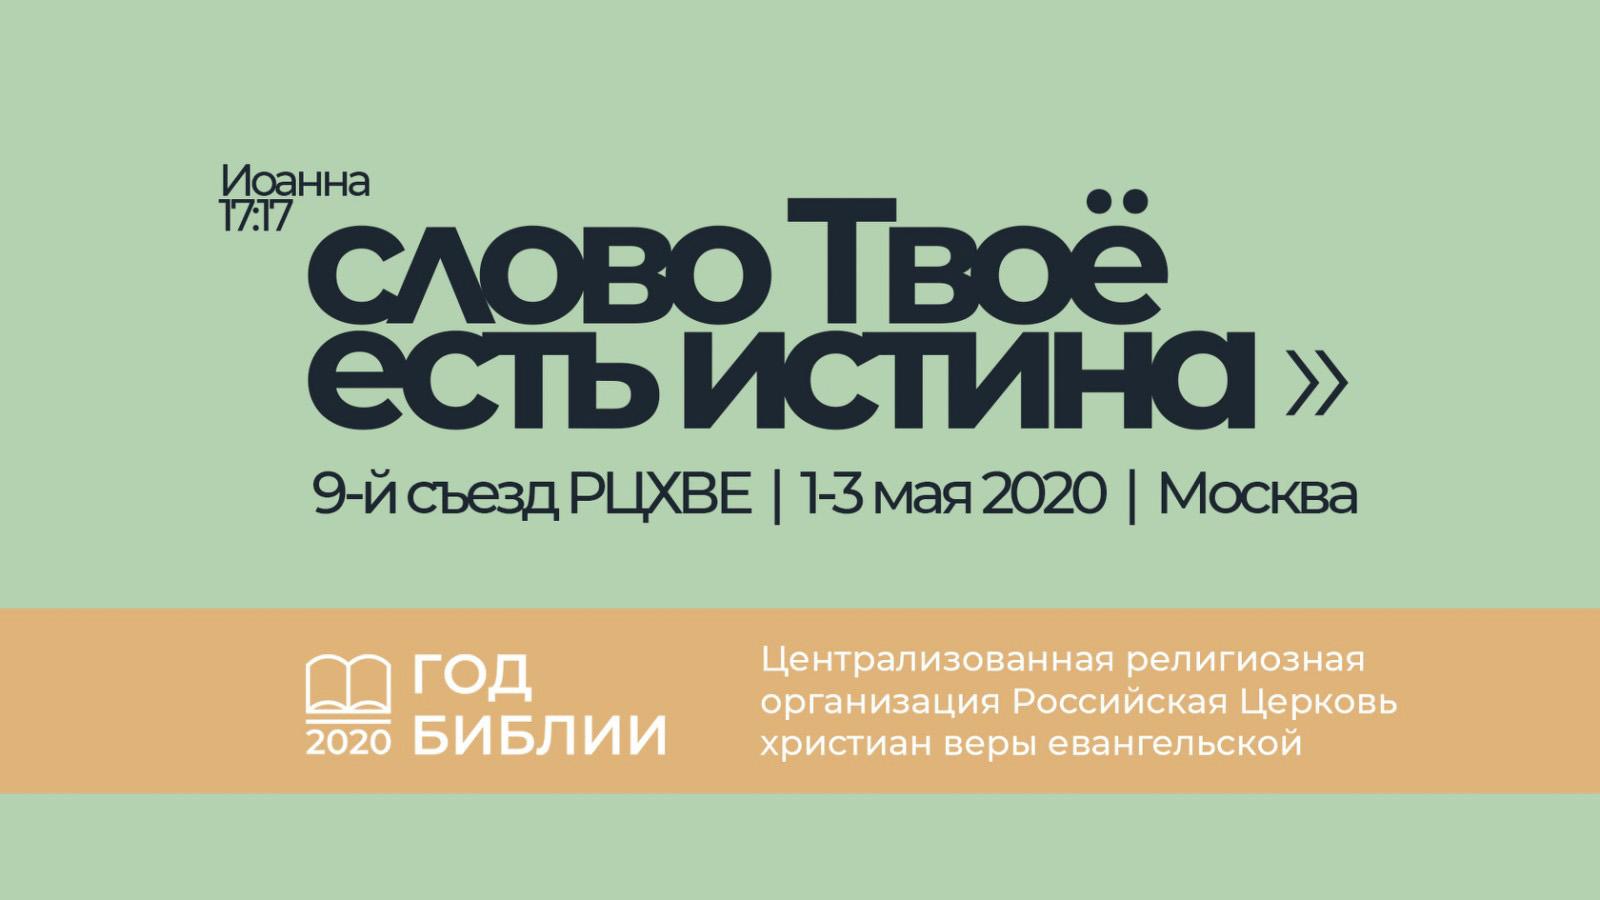 Внимание! Важная информация! 9-й всероссийский съезд РЦХВЕ перенесён на 10–13 сентября в Пермь